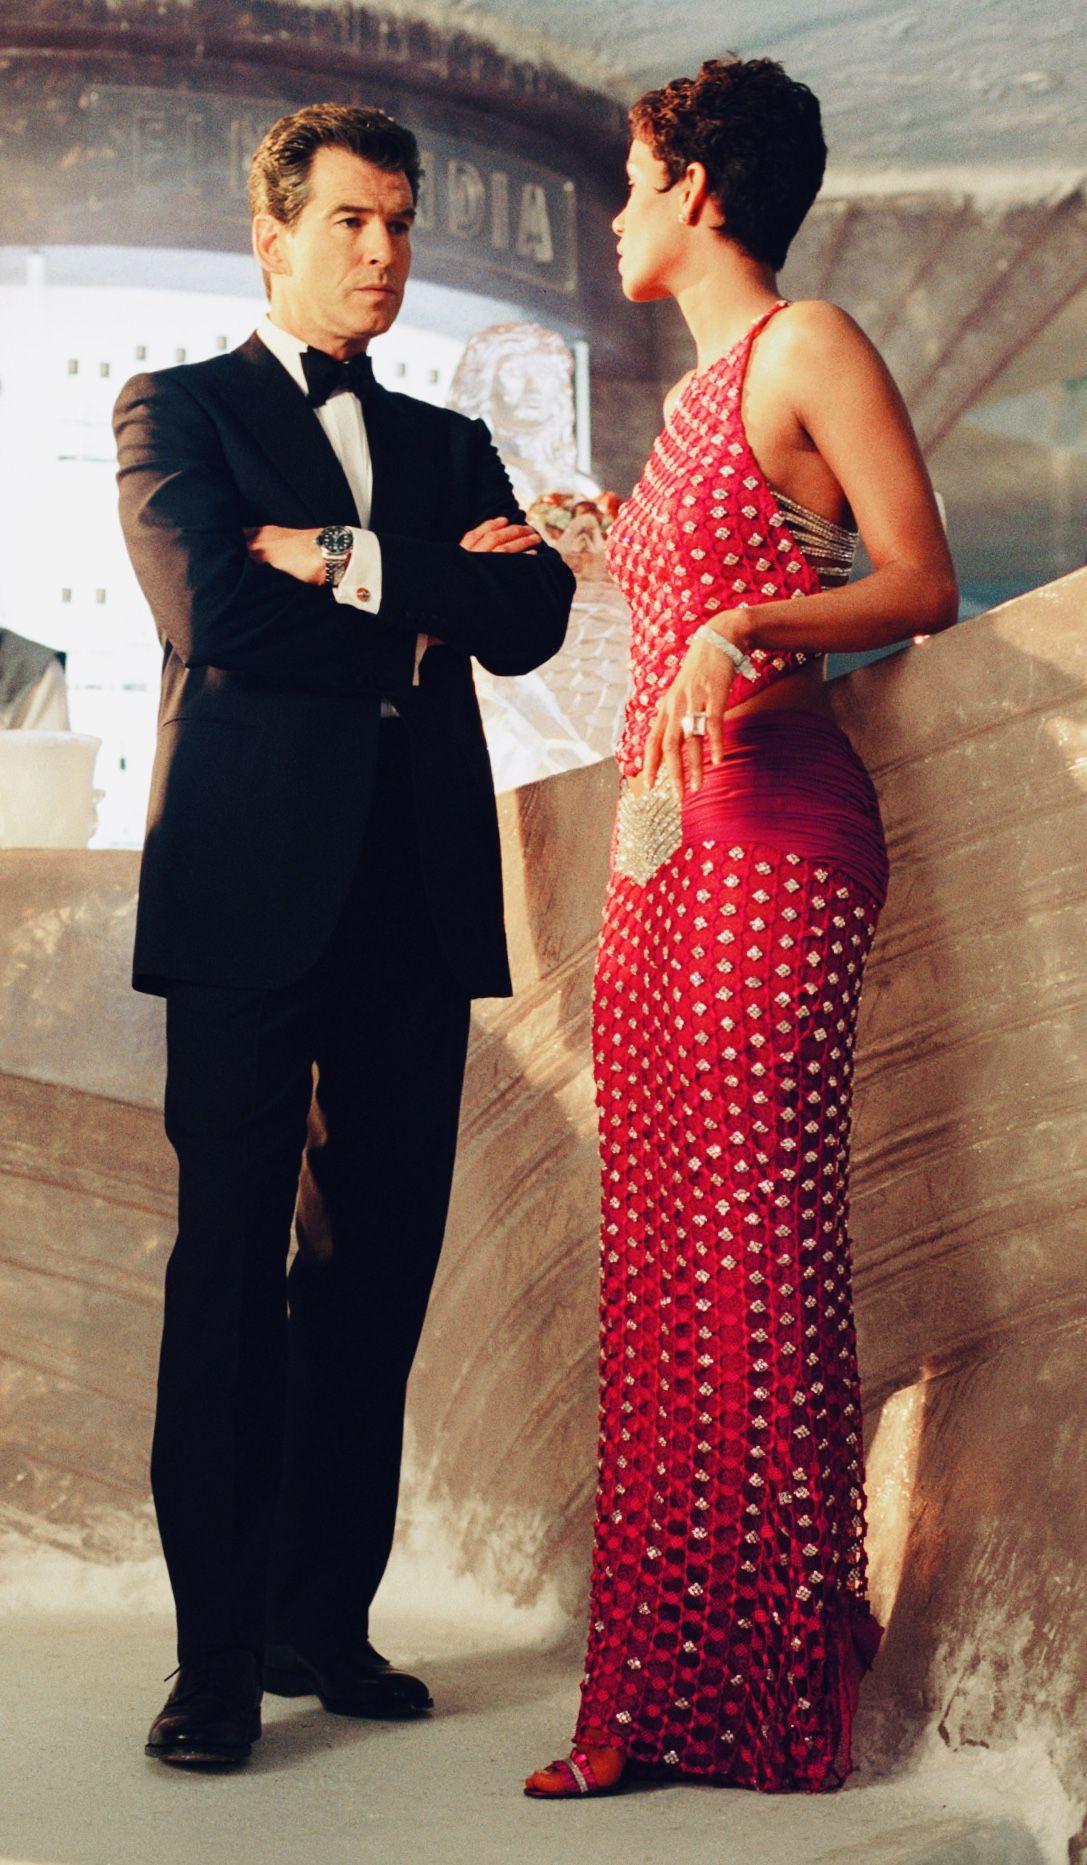 Designer Einfach Abendkleid James Bond Boutique10 Coolste Abendkleid James Bond Stylish